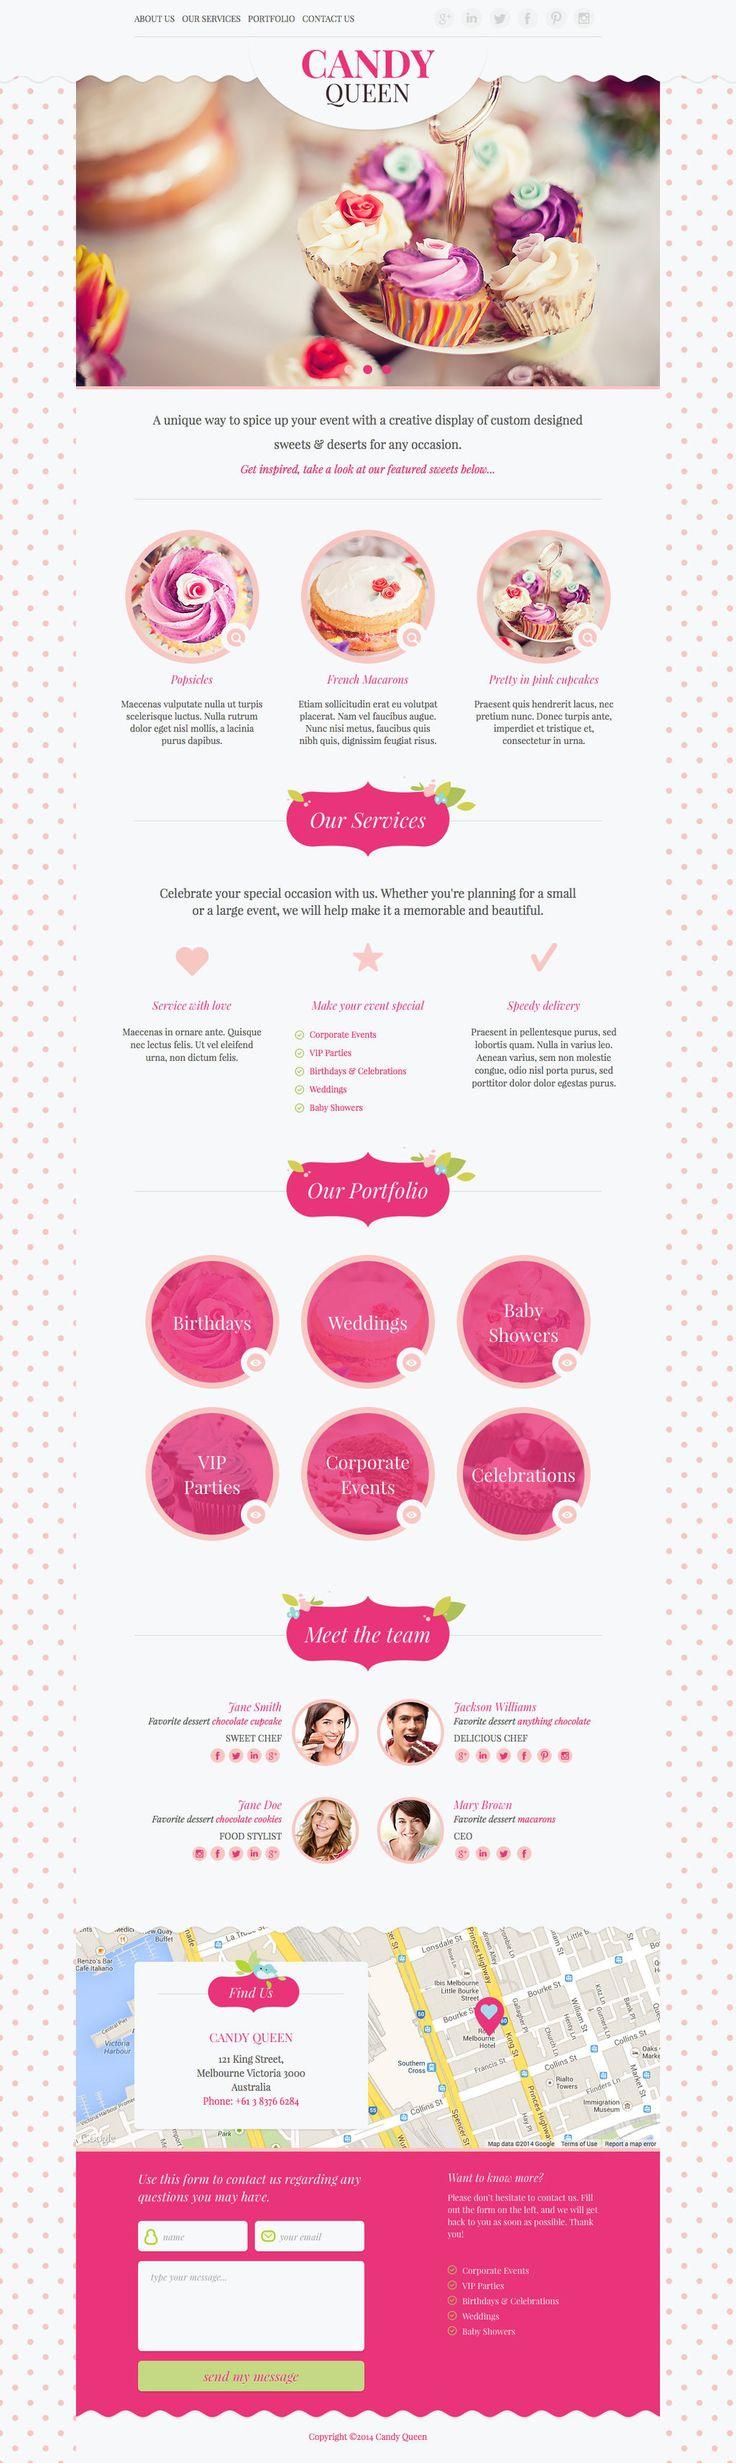 ・メイン画像のイメージと、サイトカラーのピンクかマッチしてる。 ・キャンディーというお菓子の甘いイメージがサイトカラーや、オブジェクトの丸いデザインで表現出来ている。